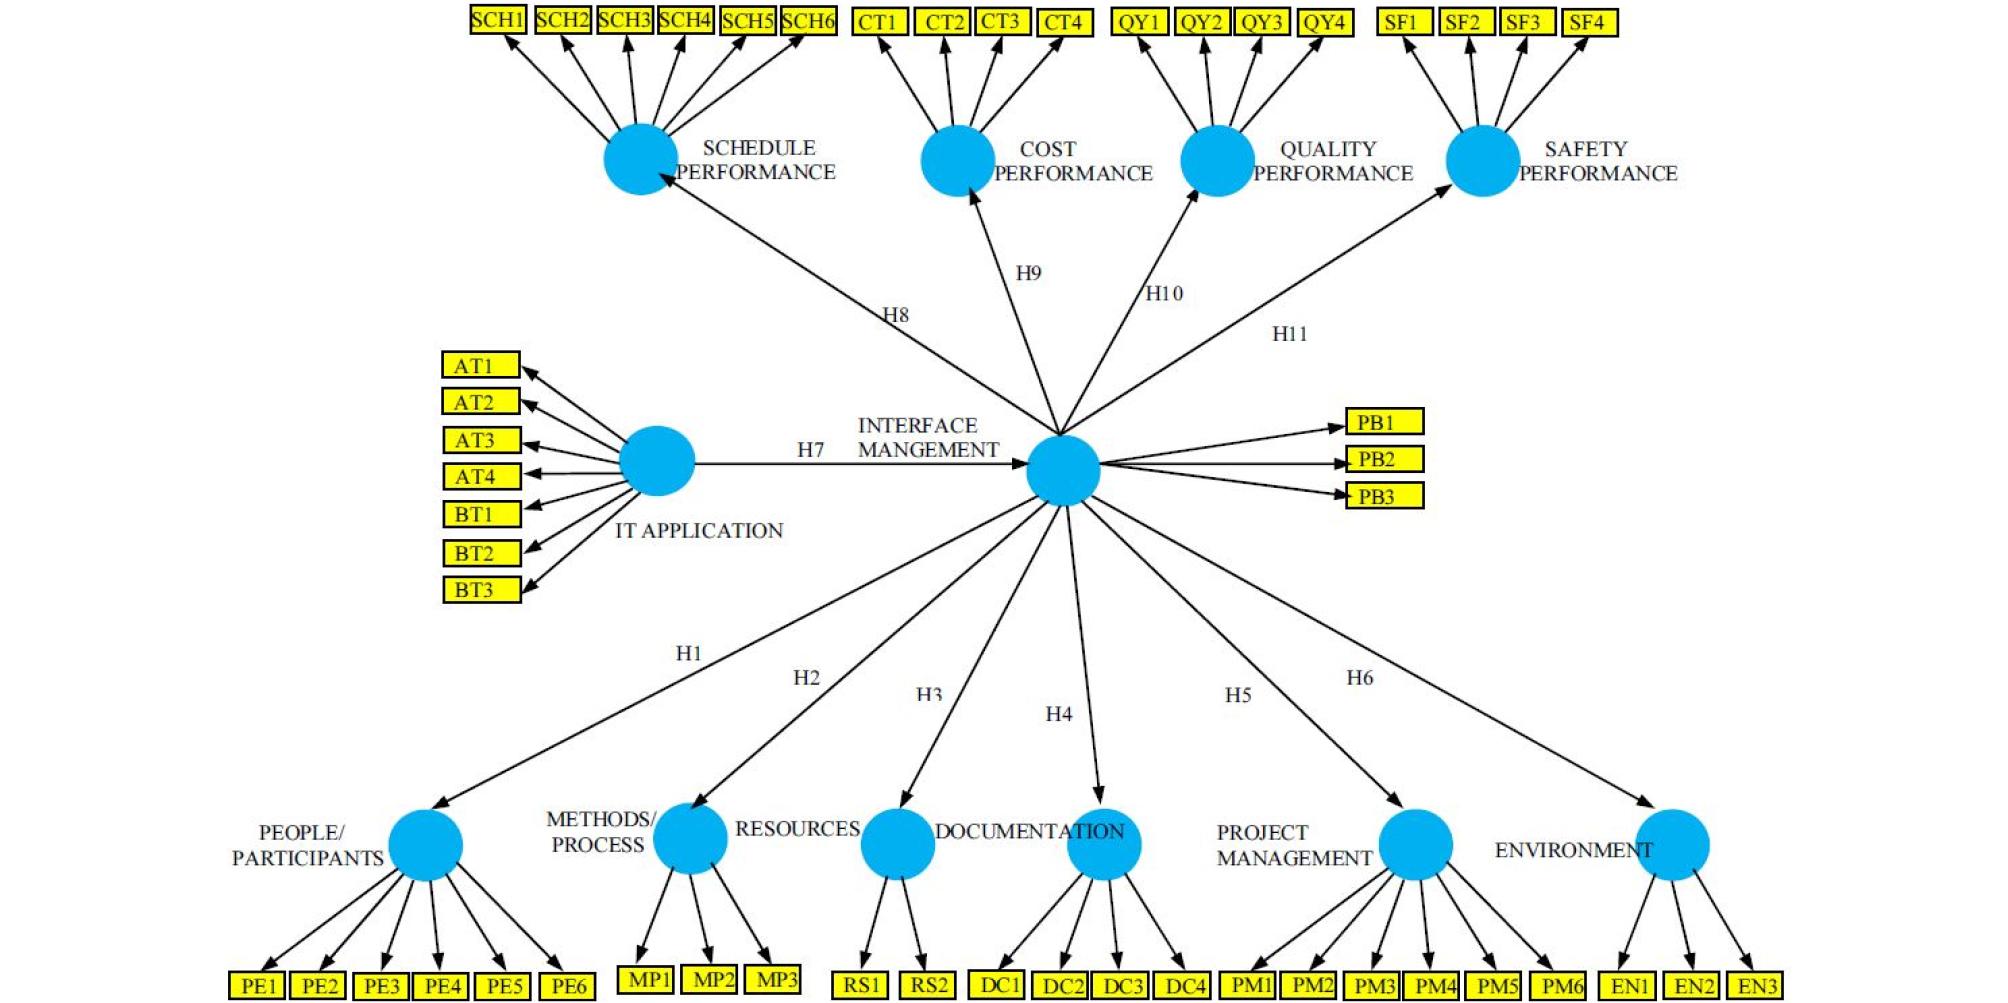 http://static.apub.kr/journalsite/sites/jcepm/2019-009-03/N042090301/images/jcepm_09_03_01_F1.jpg